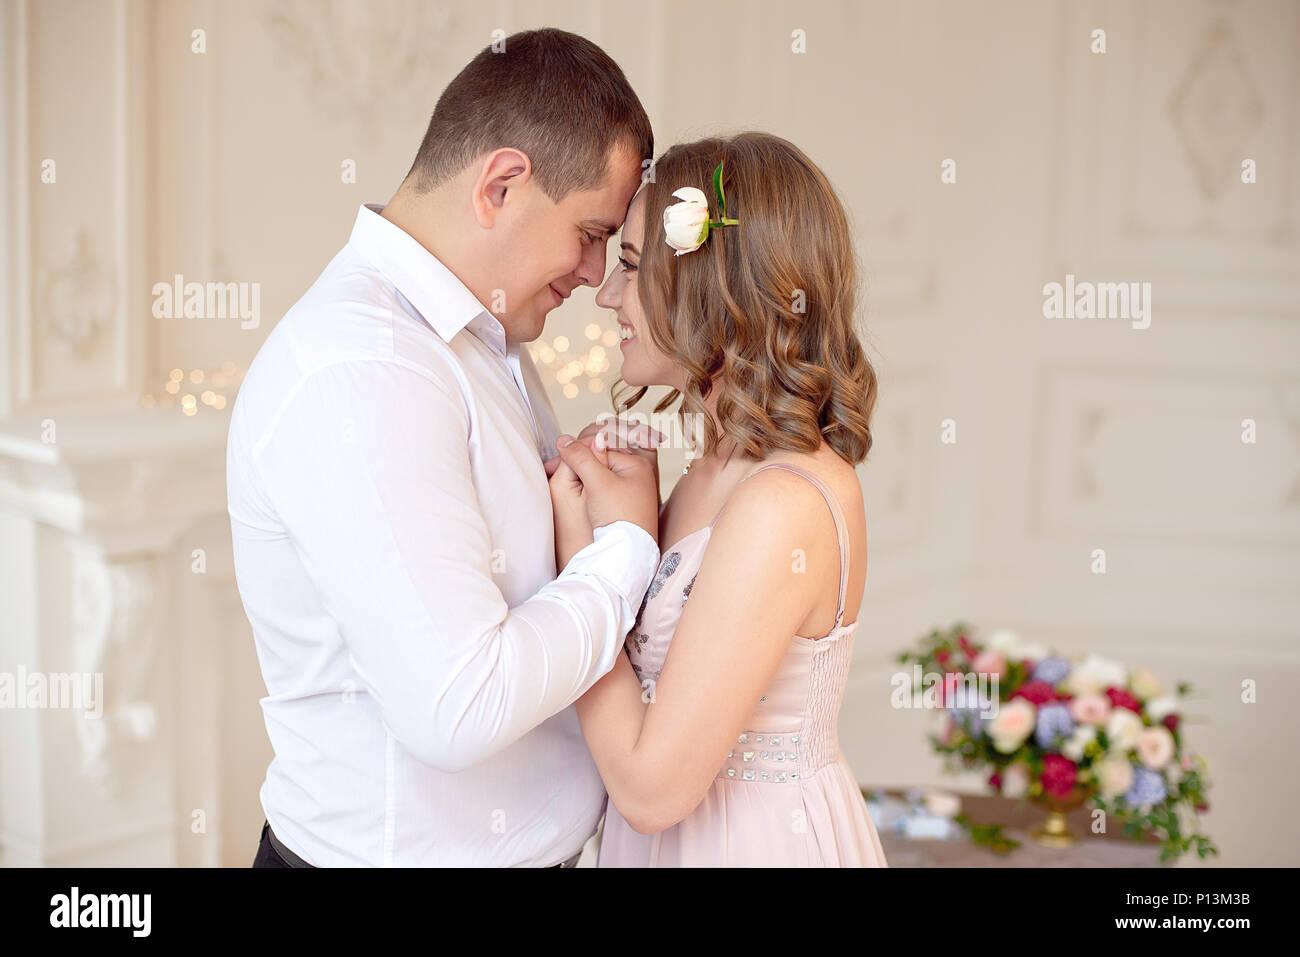 Close-up giovane coppia felice baciare in camera bianca. Immagini Stock